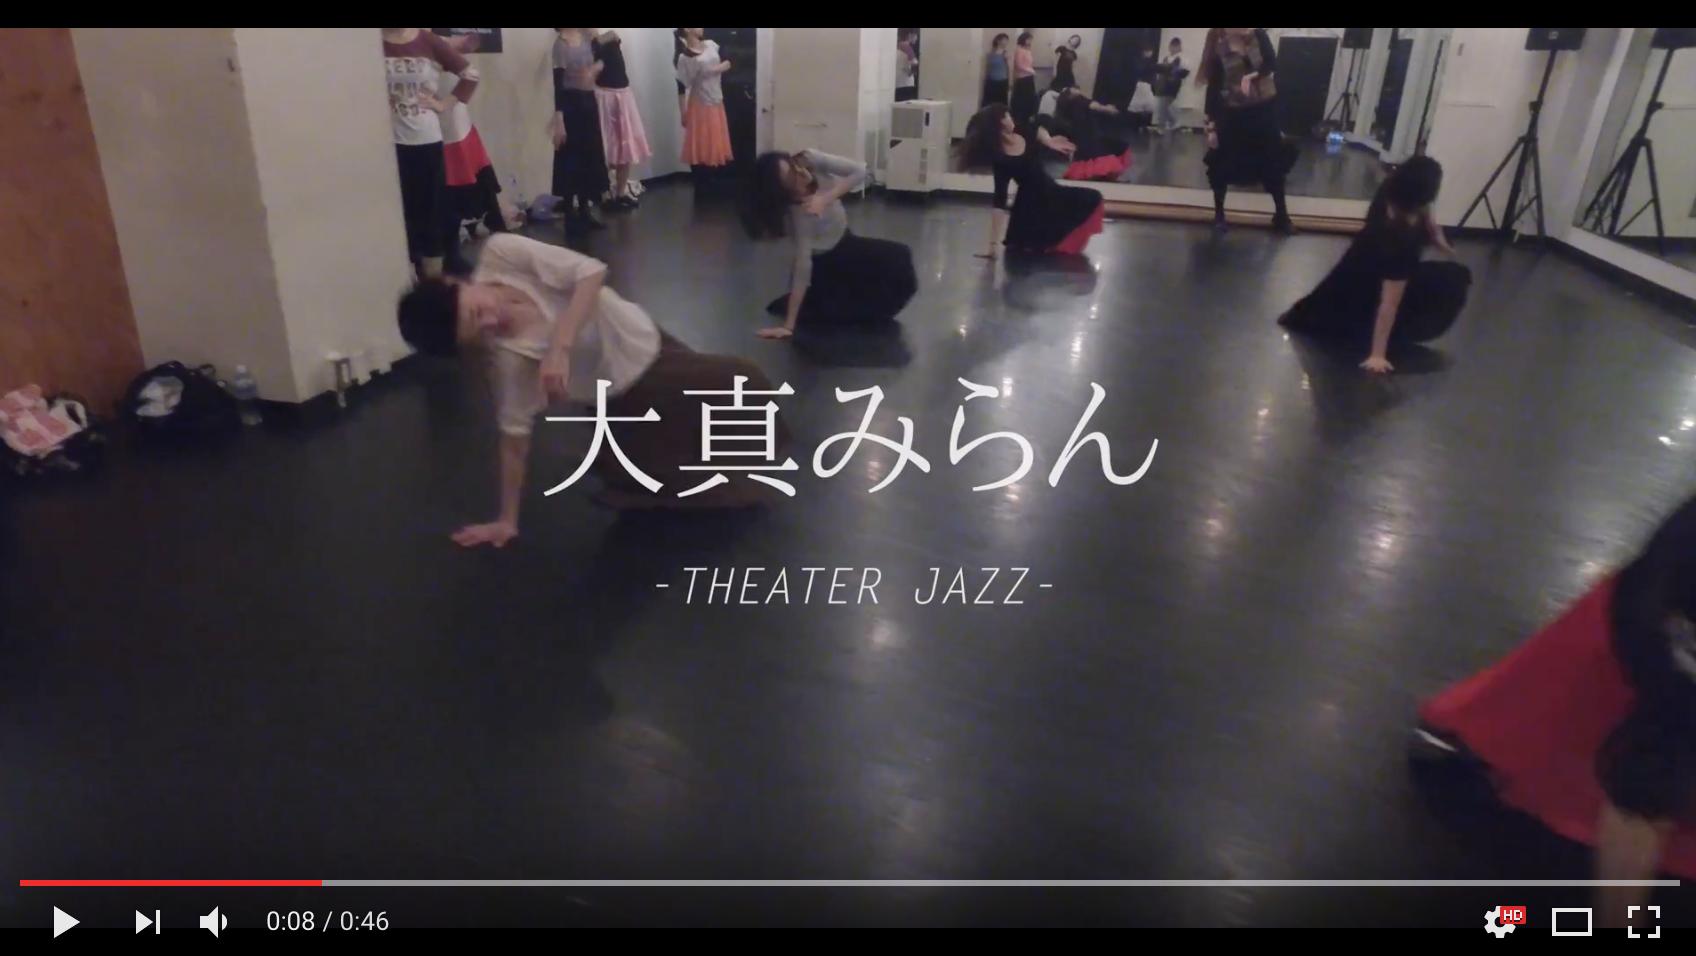 元宝塚歌劇団 、星組若手男役の「大真みらん」によるダンスレッスン開催!